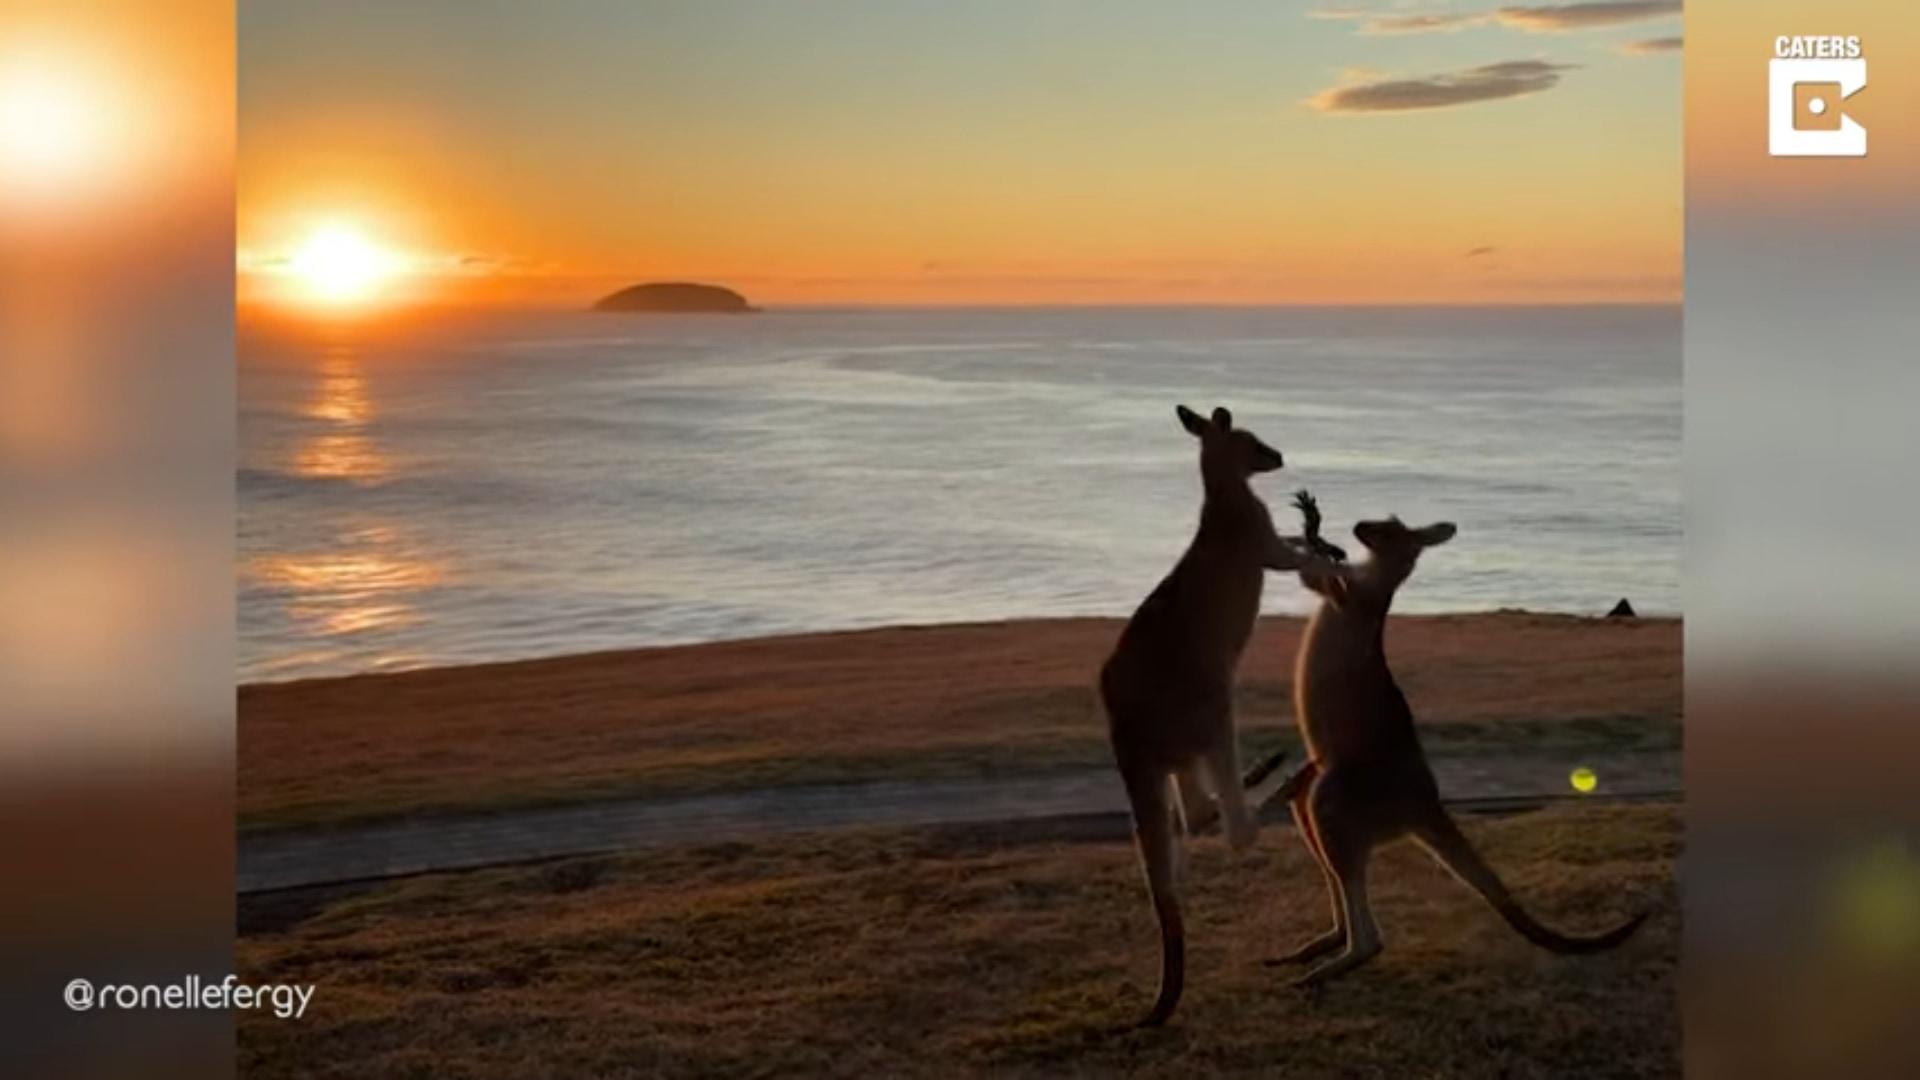 【暁の決闘】喧嘩をするカンガルー、「日の出」に「海岸」とそのシチュエーションがまるで映画